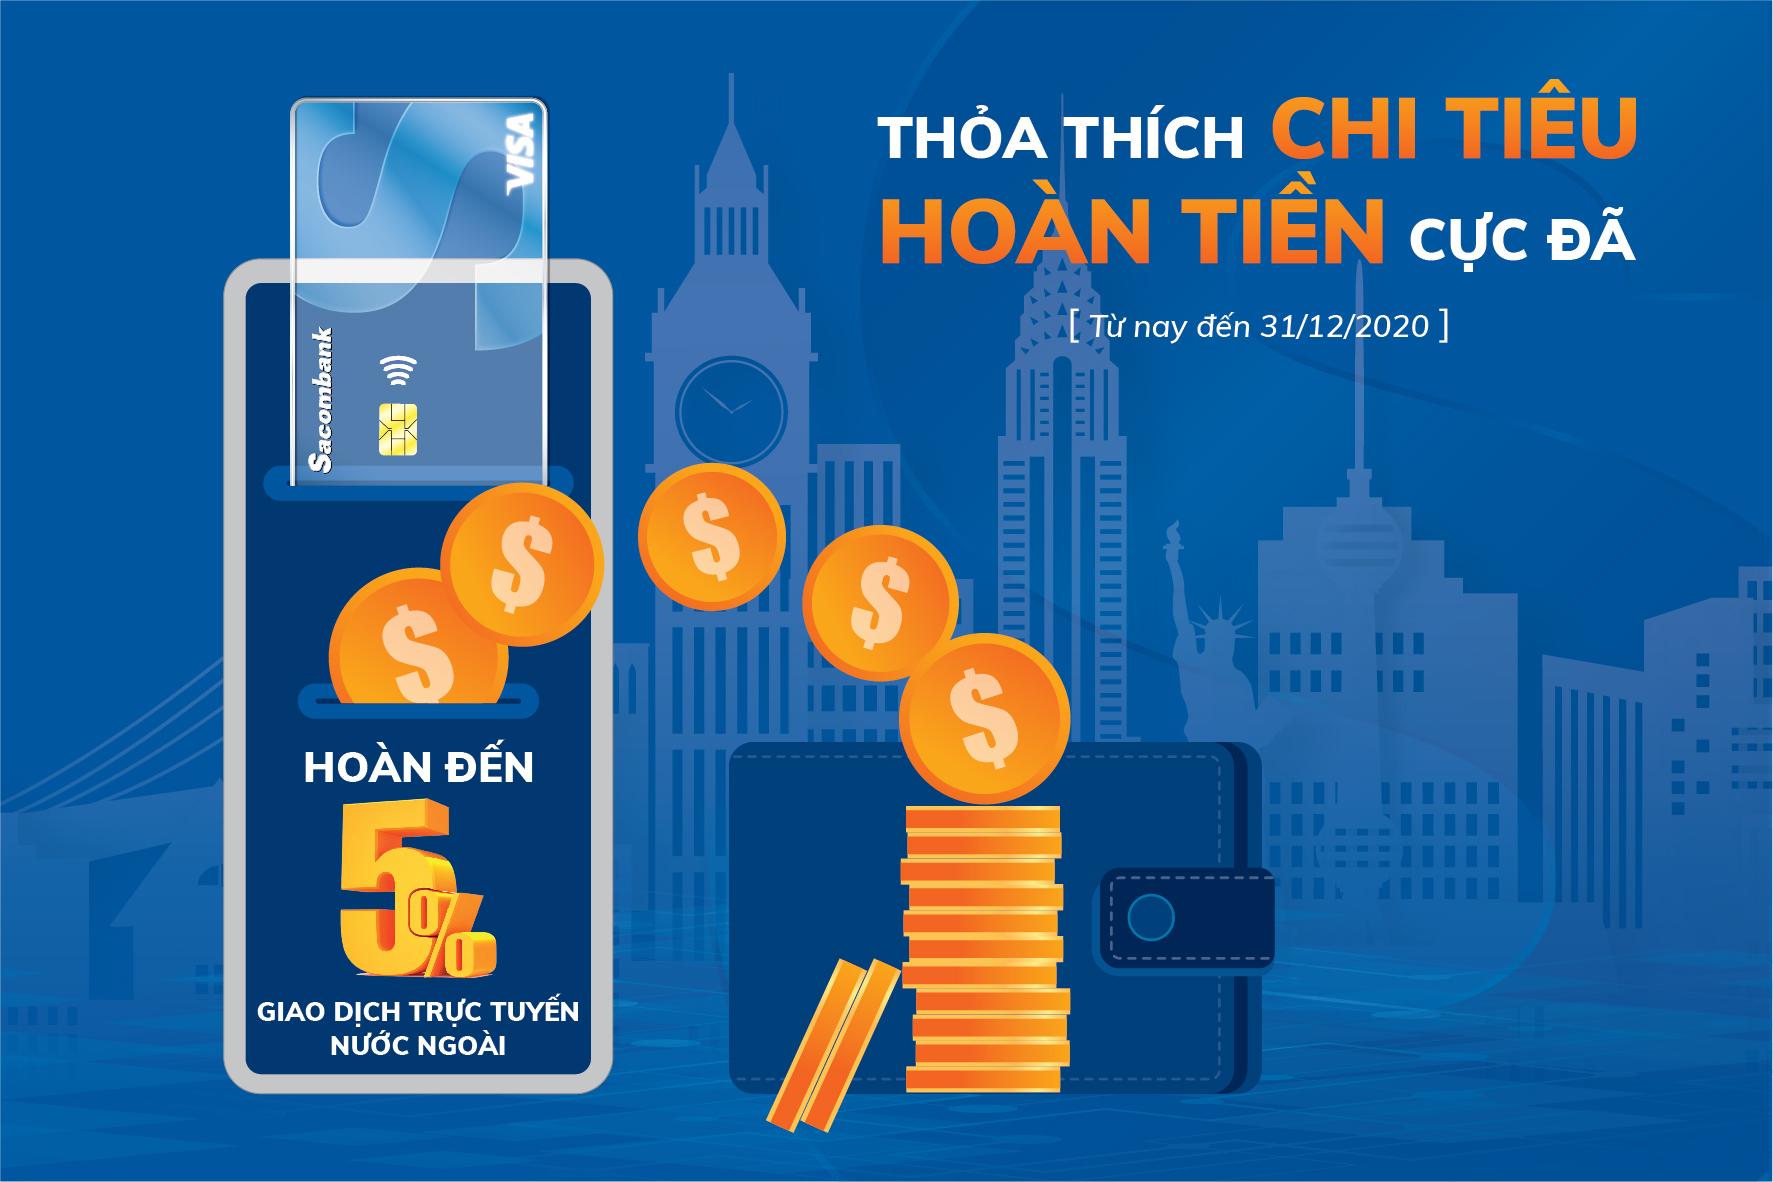 Hoàn tiền đến 3 triệu đồng khi giao dịch trực tuyến nước ngoài bằng thẻ Sacombank Visa